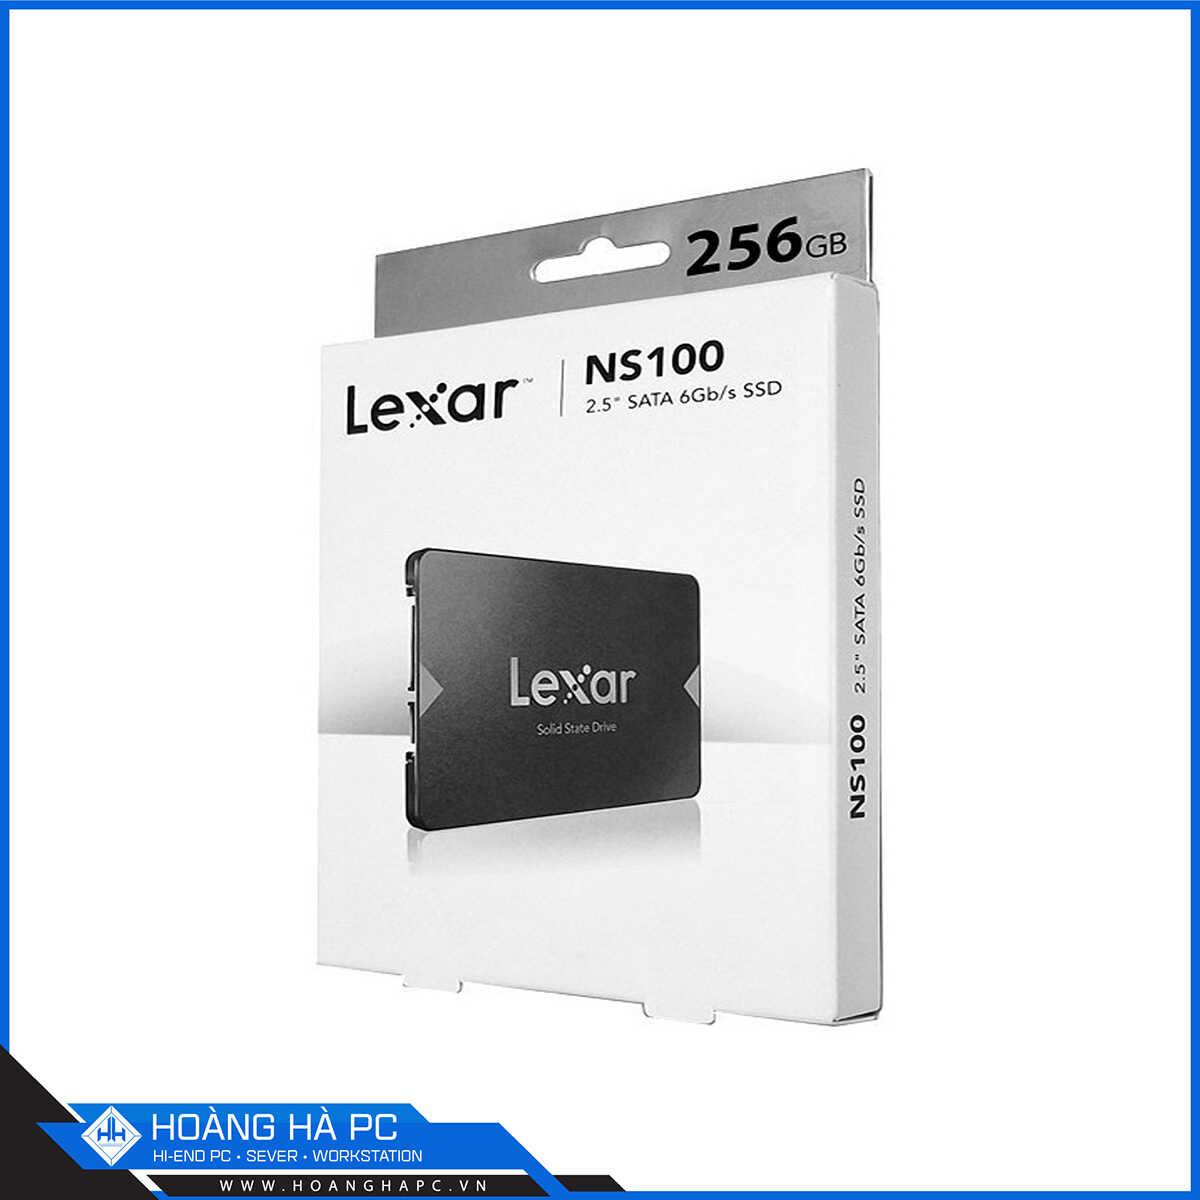 Ổ Cứng SSD Lexar NS100 256GB